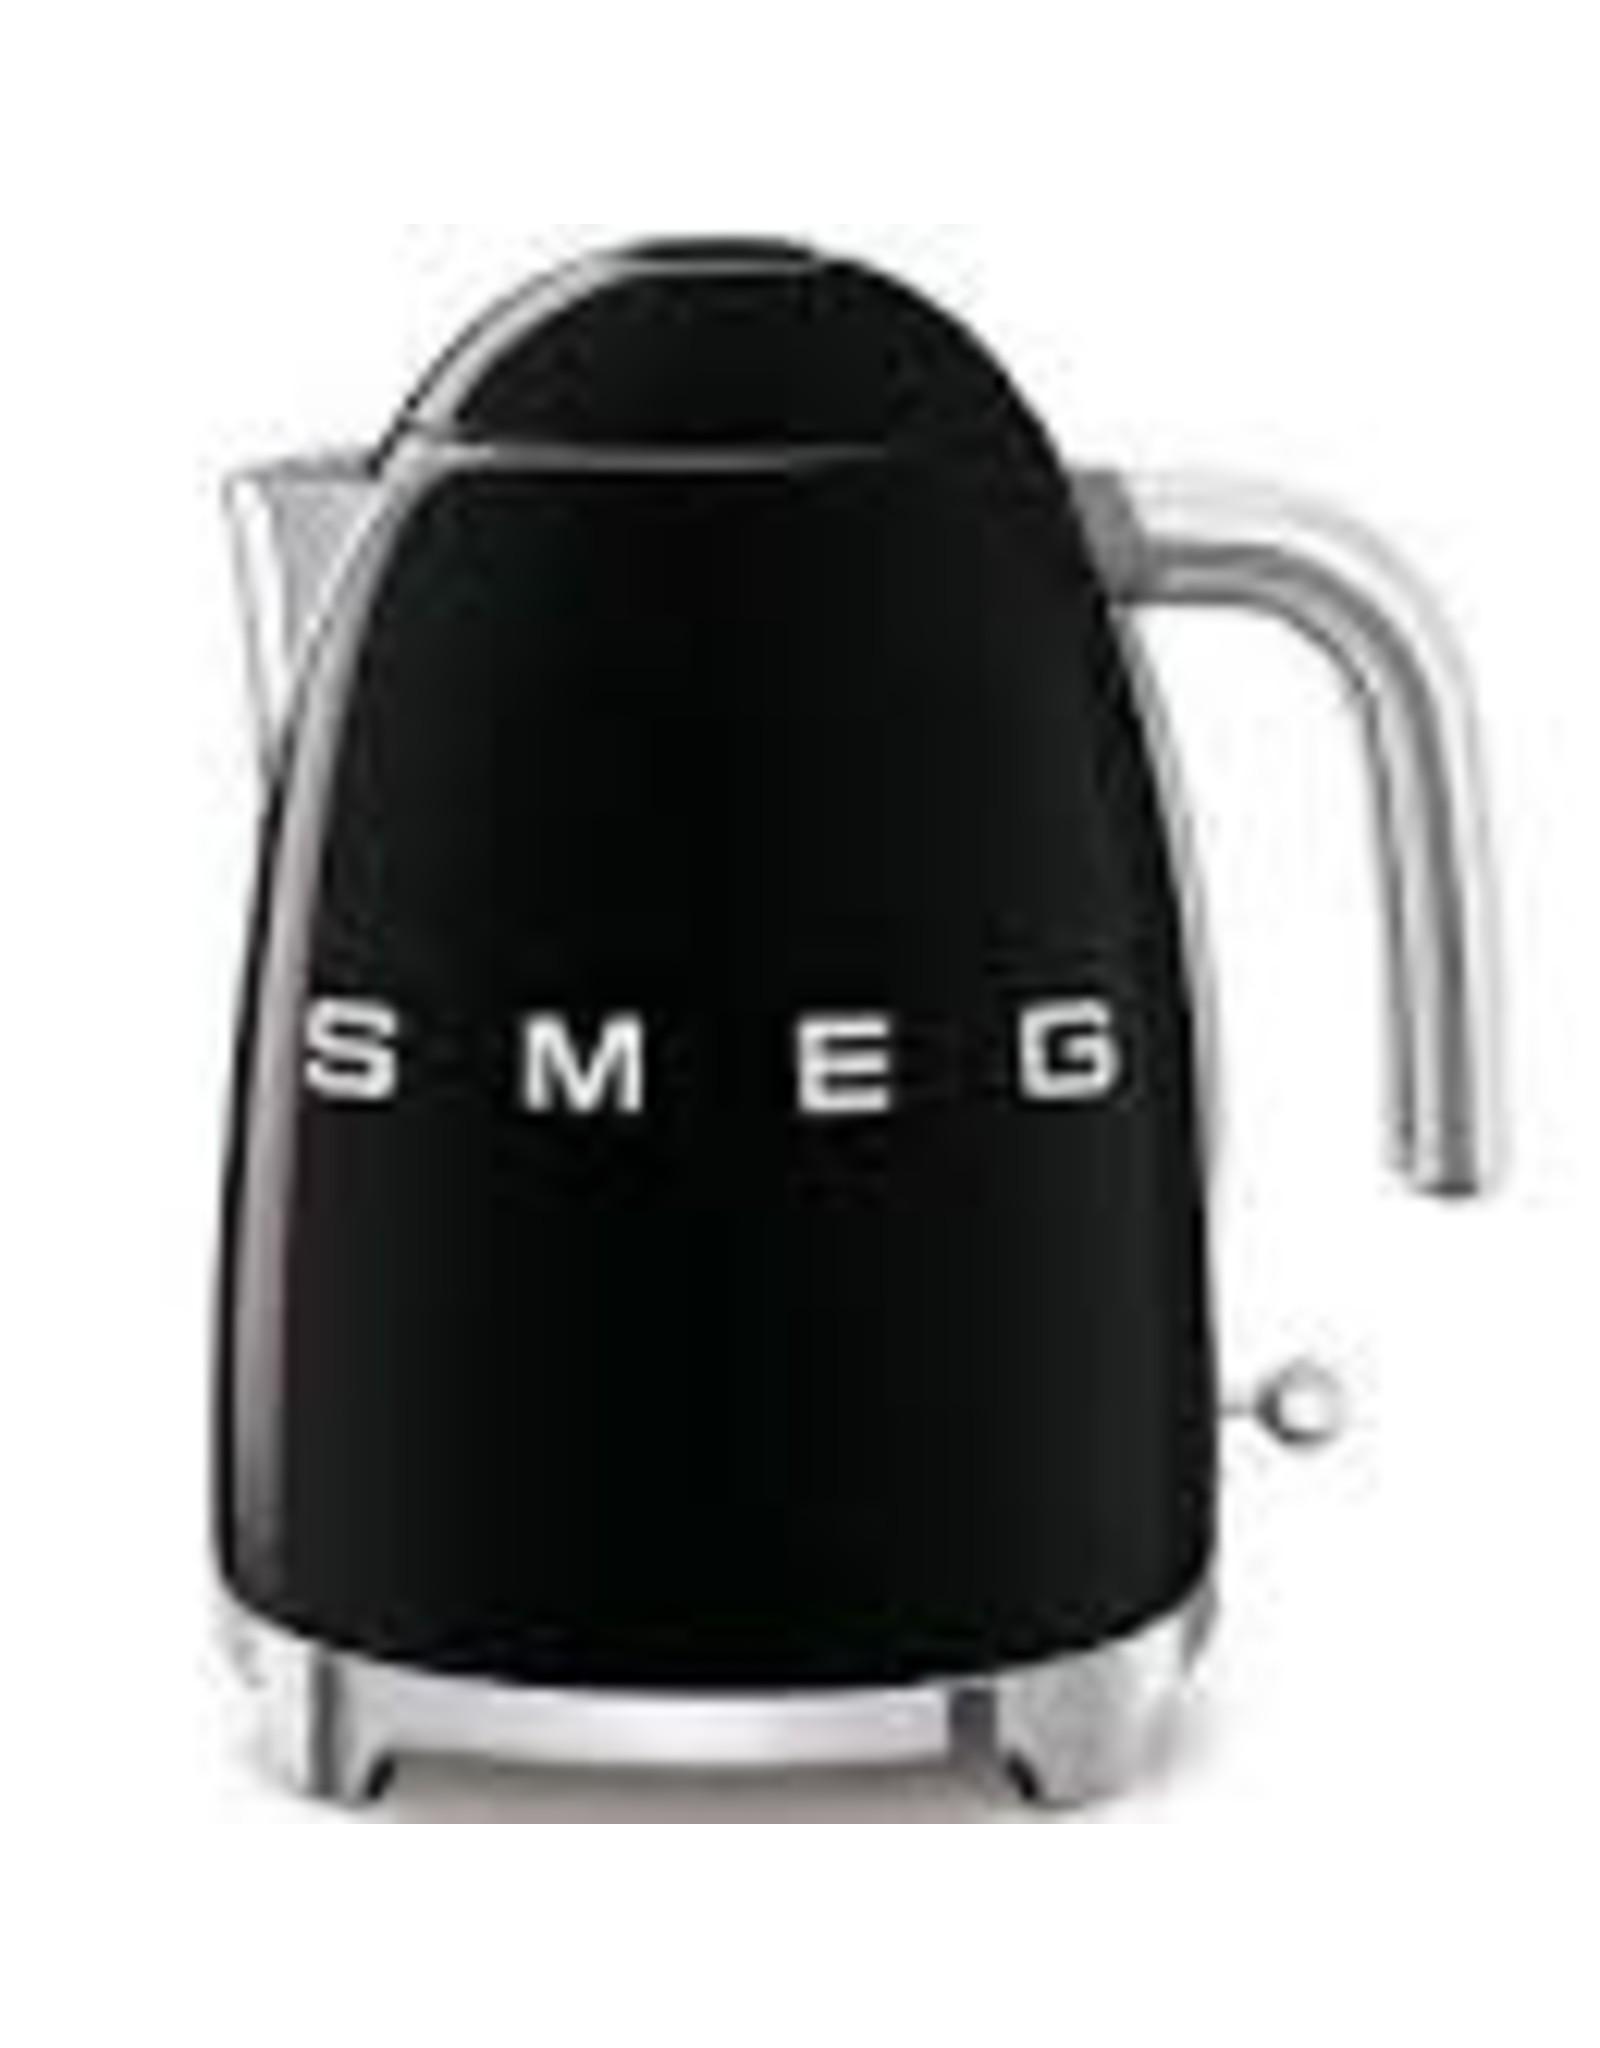 Smeg SMEG Kettle - Black